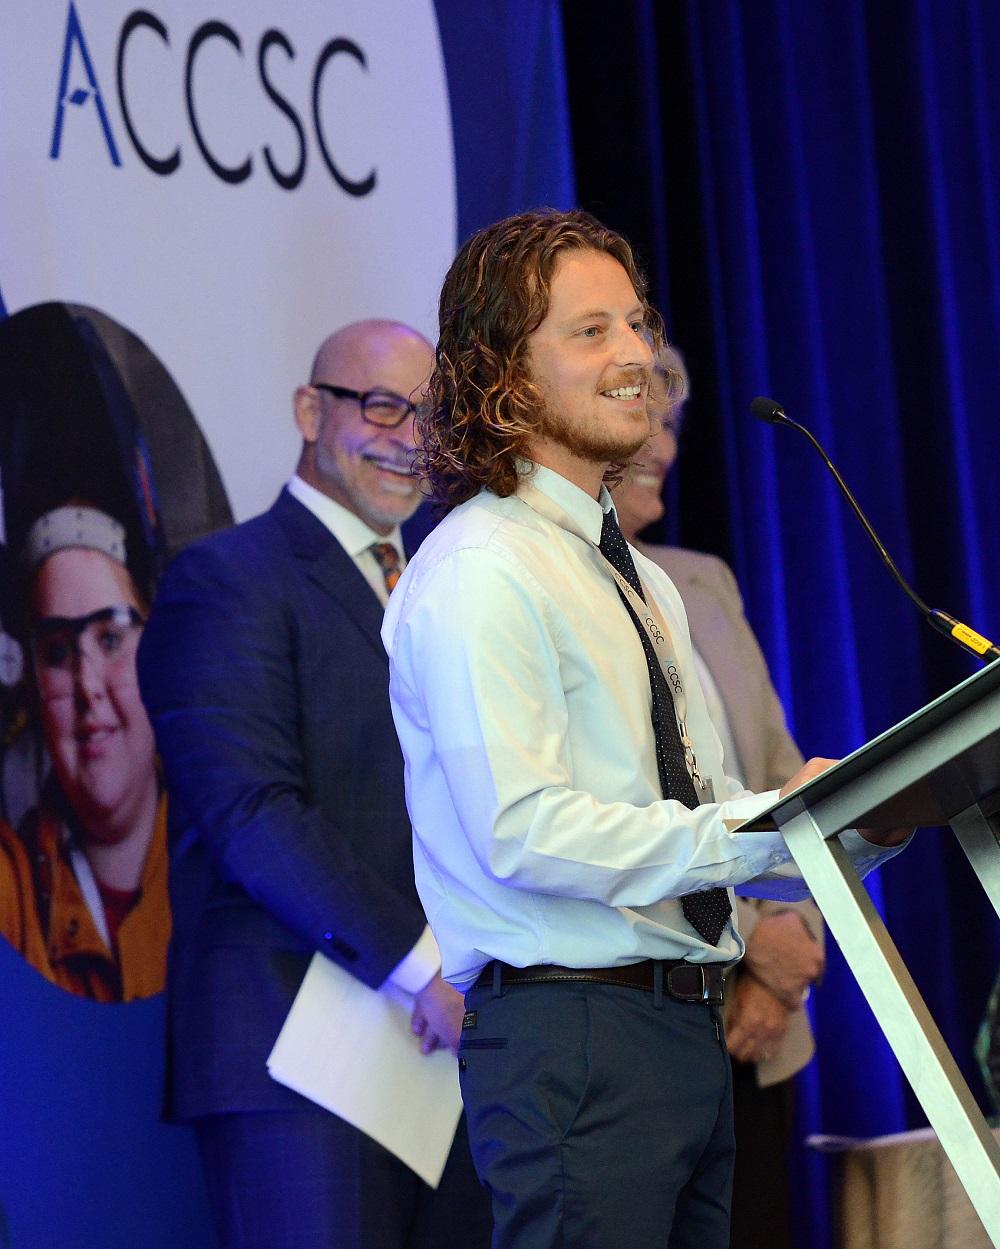 Chandler Dixon ACCSC Award Winner